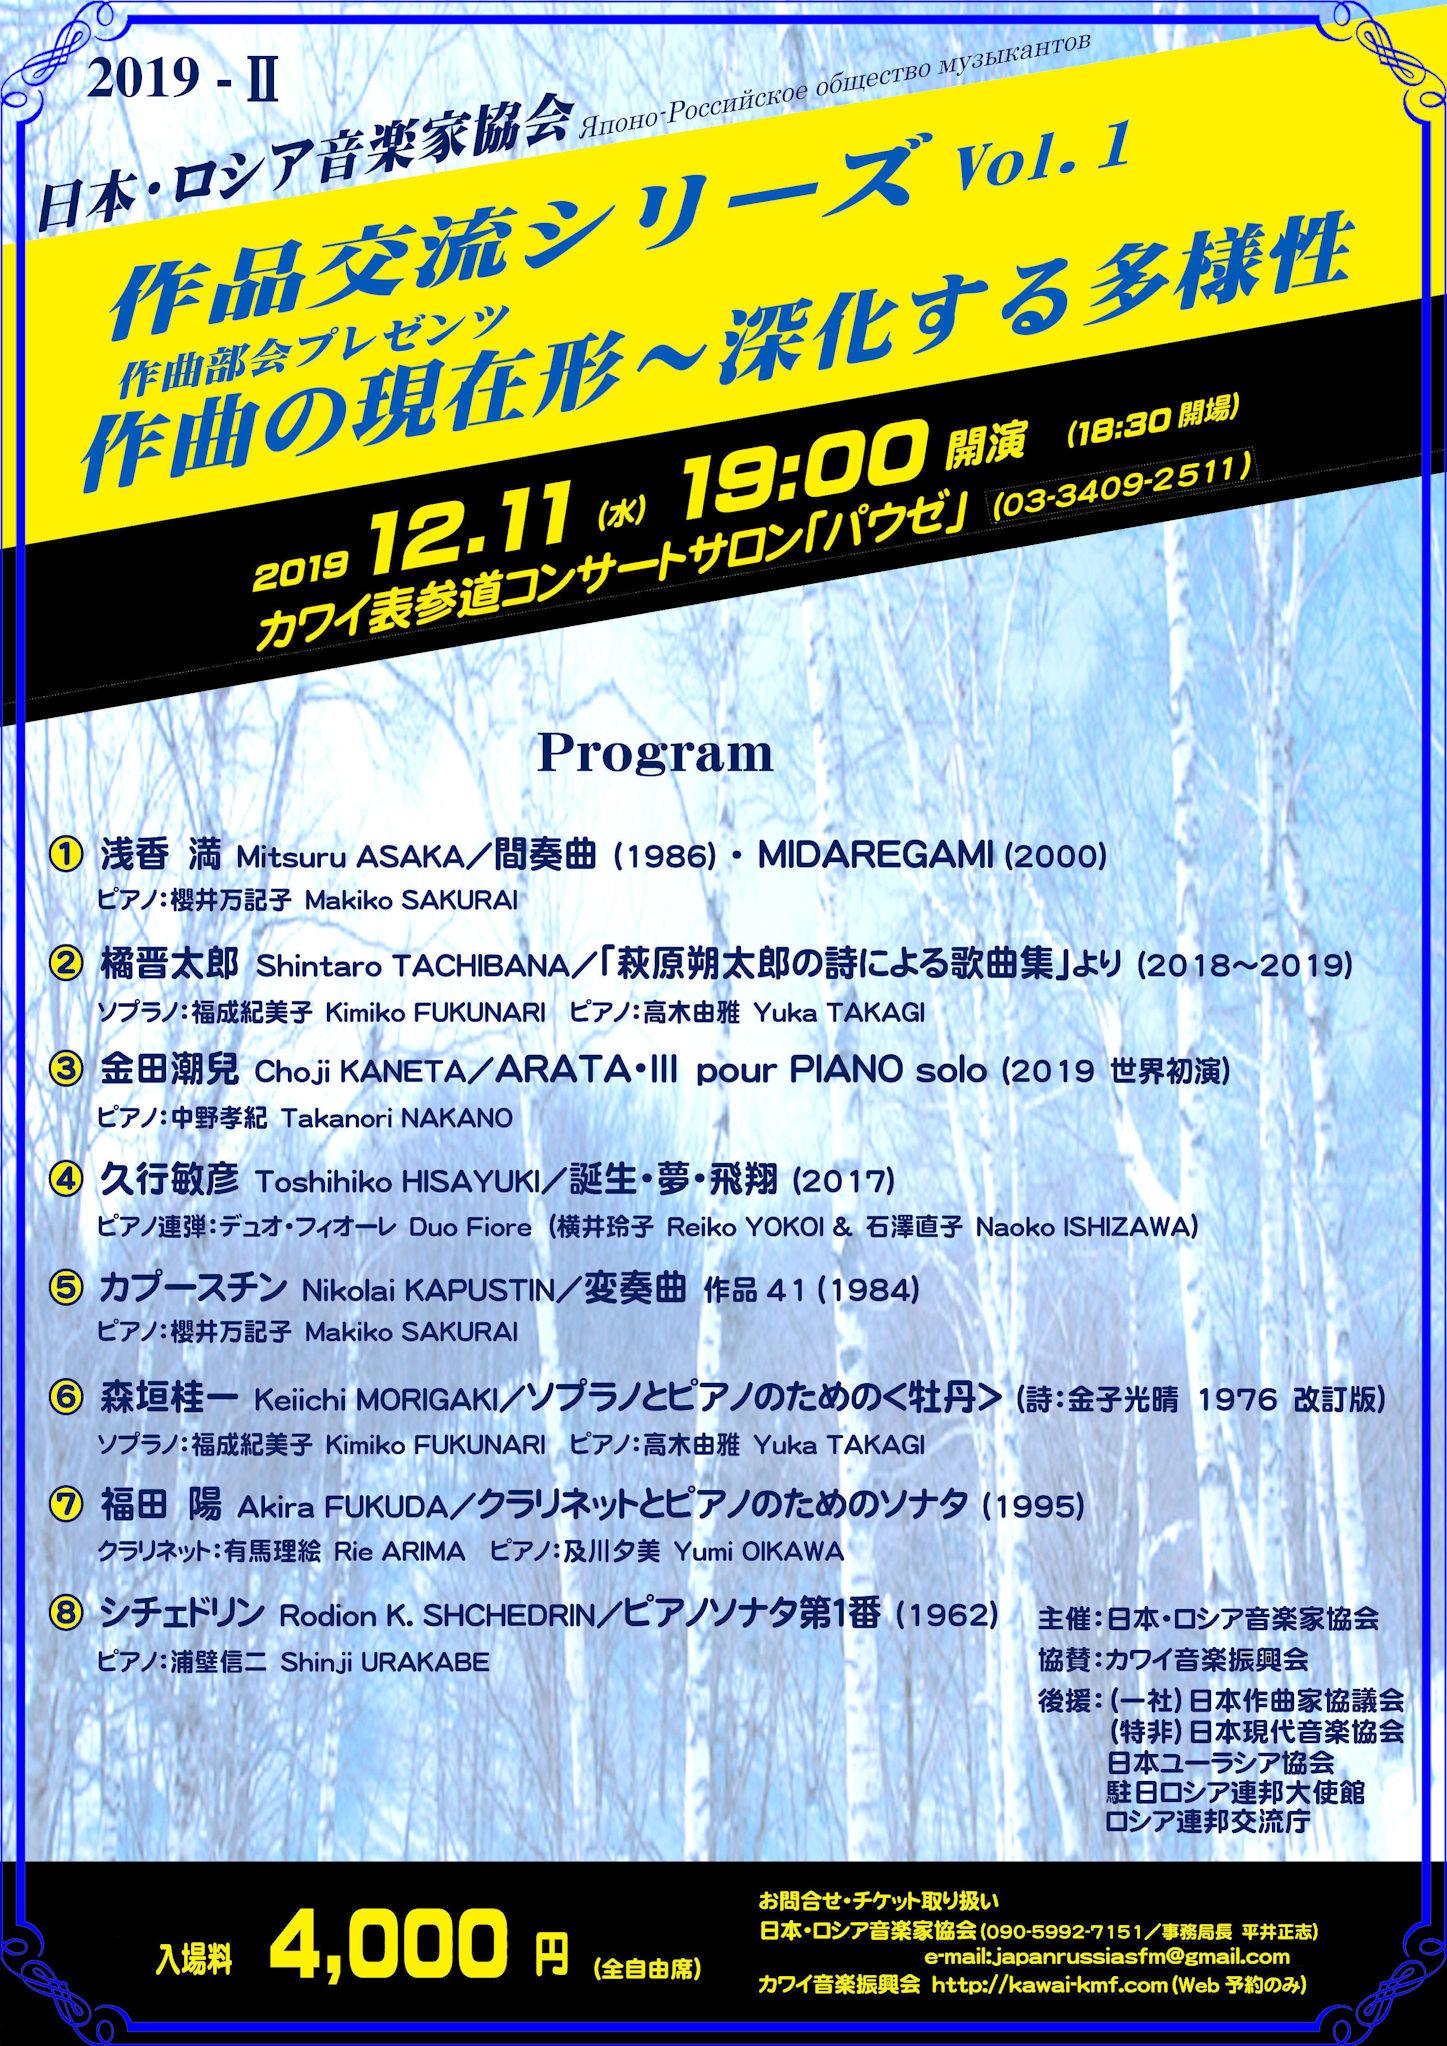 日本ロシア音楽家協会 作品交流シリーズVol.1 作曲部会プレゼンツ 『 作曲の現在形~深化する多様性』